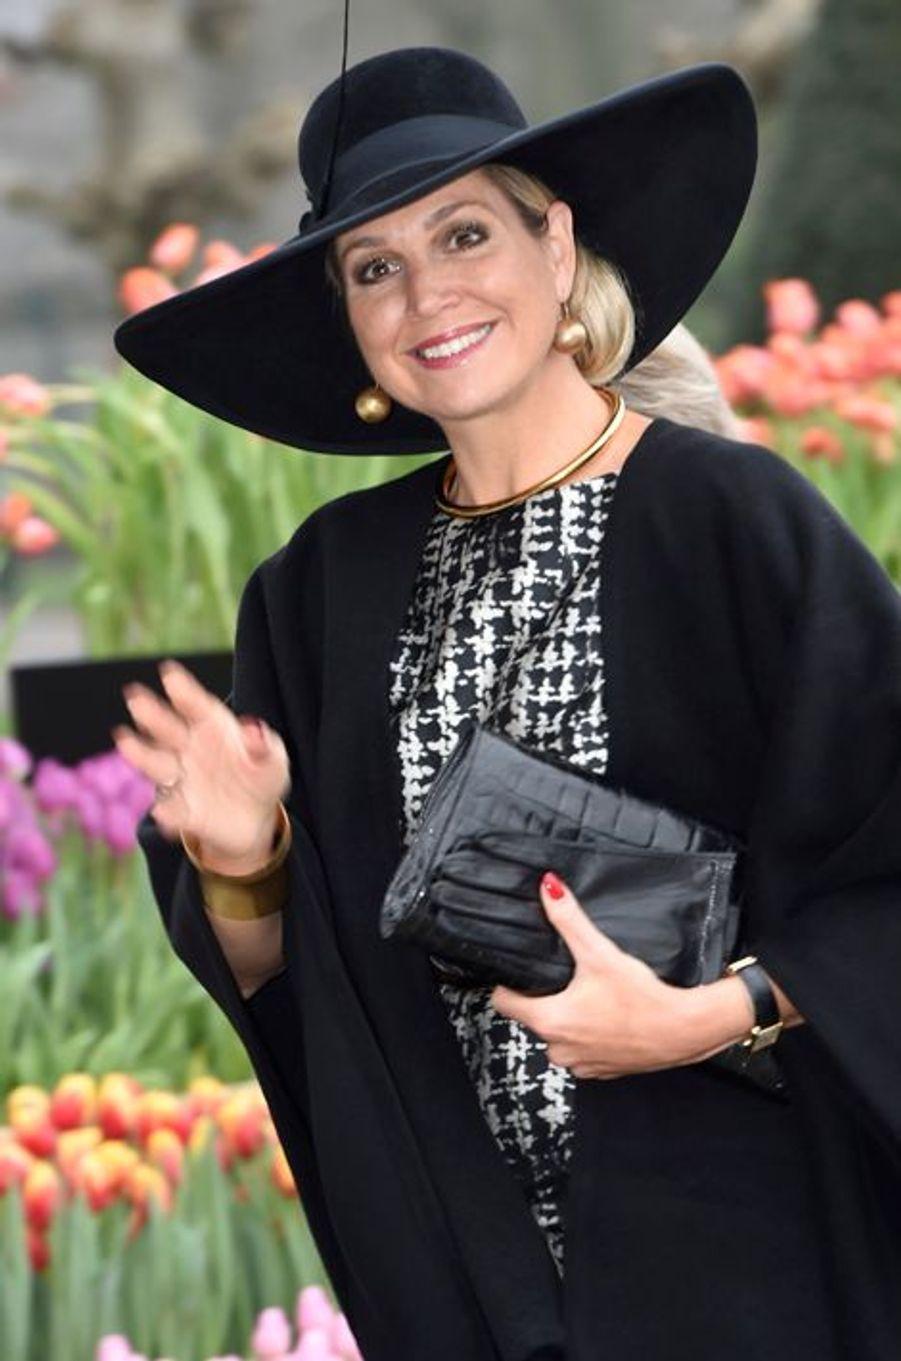 Comme pour la reine Letizia d'Espagne, ce mercredi 6 janvier a signé la rentrée 2016 pour la reine Maxima des Pays-Bas, après sa trêve des vacances de Noël. Une rentrée des plus fleuries puisqu'elle s'est rendue au parc printanier Keukenhof à Lisse.Chaque dimanche, le Royal Blog de Paris Match vous propose de voir ou revoir les plus belles photographies de la semaine royale.